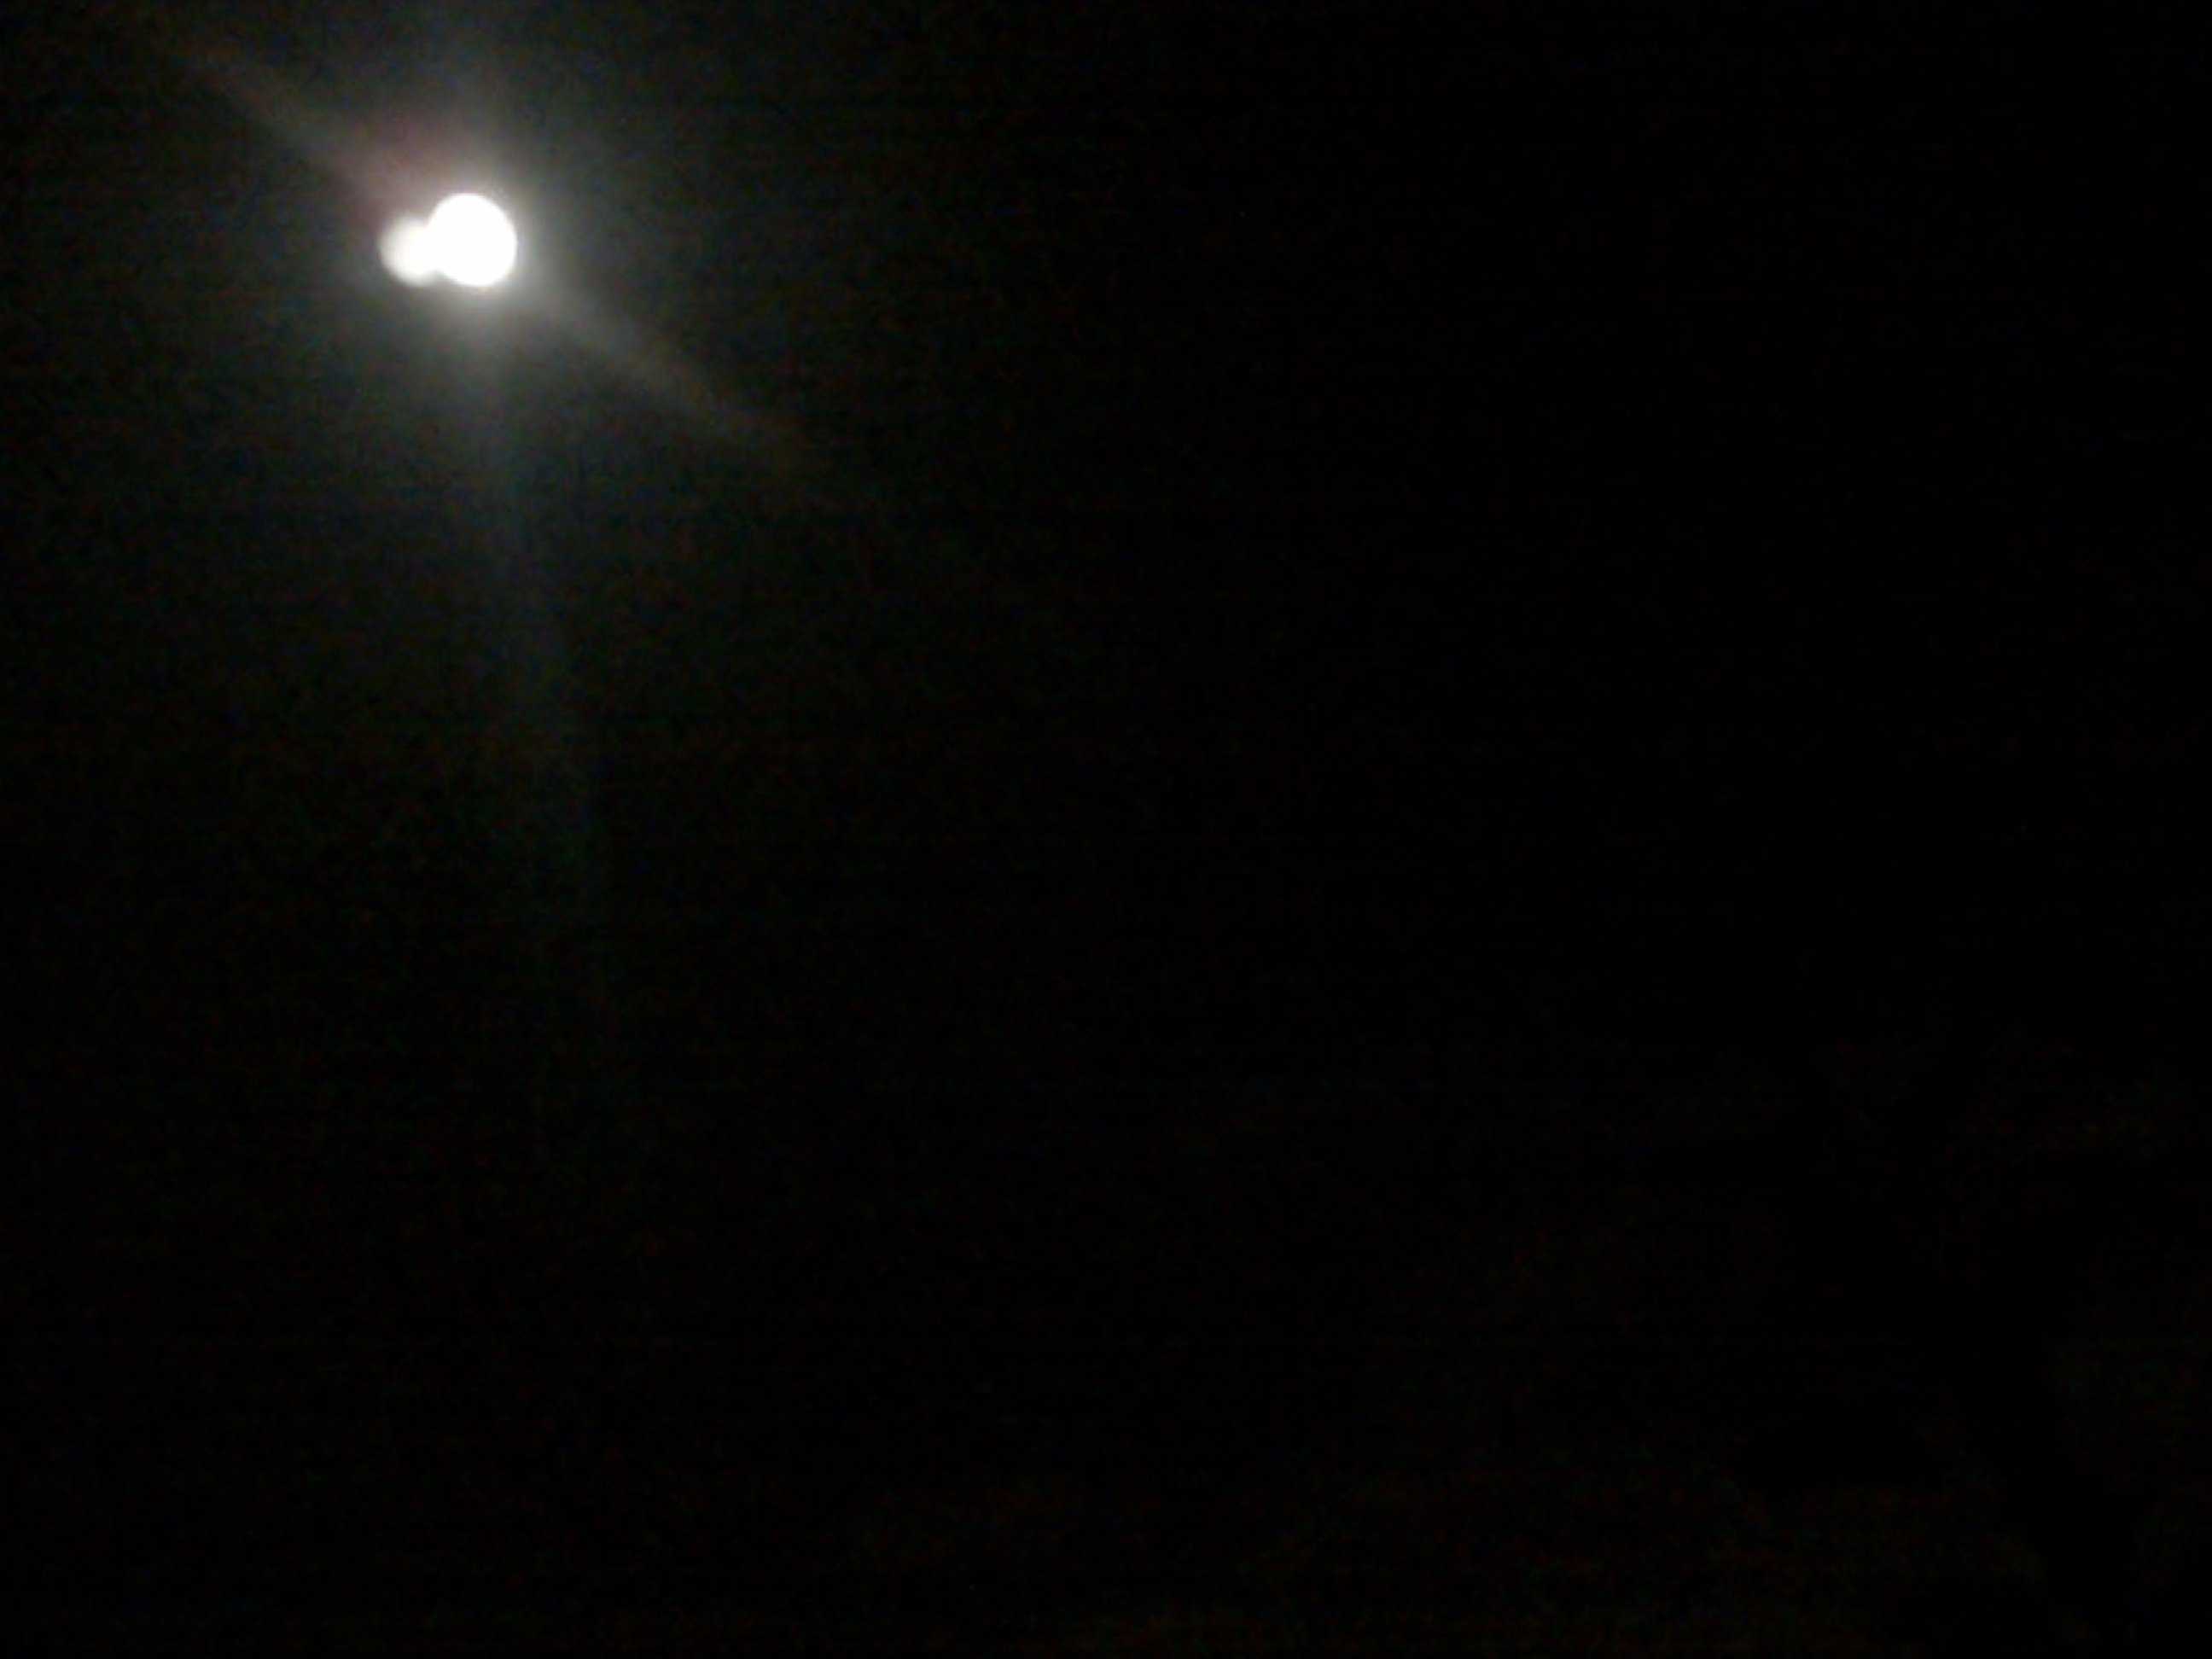 2009: Le 05/09 vers 22h00 - Sphere Lumineuse à Goussainville dans le val d'Oise.  67444704092009015